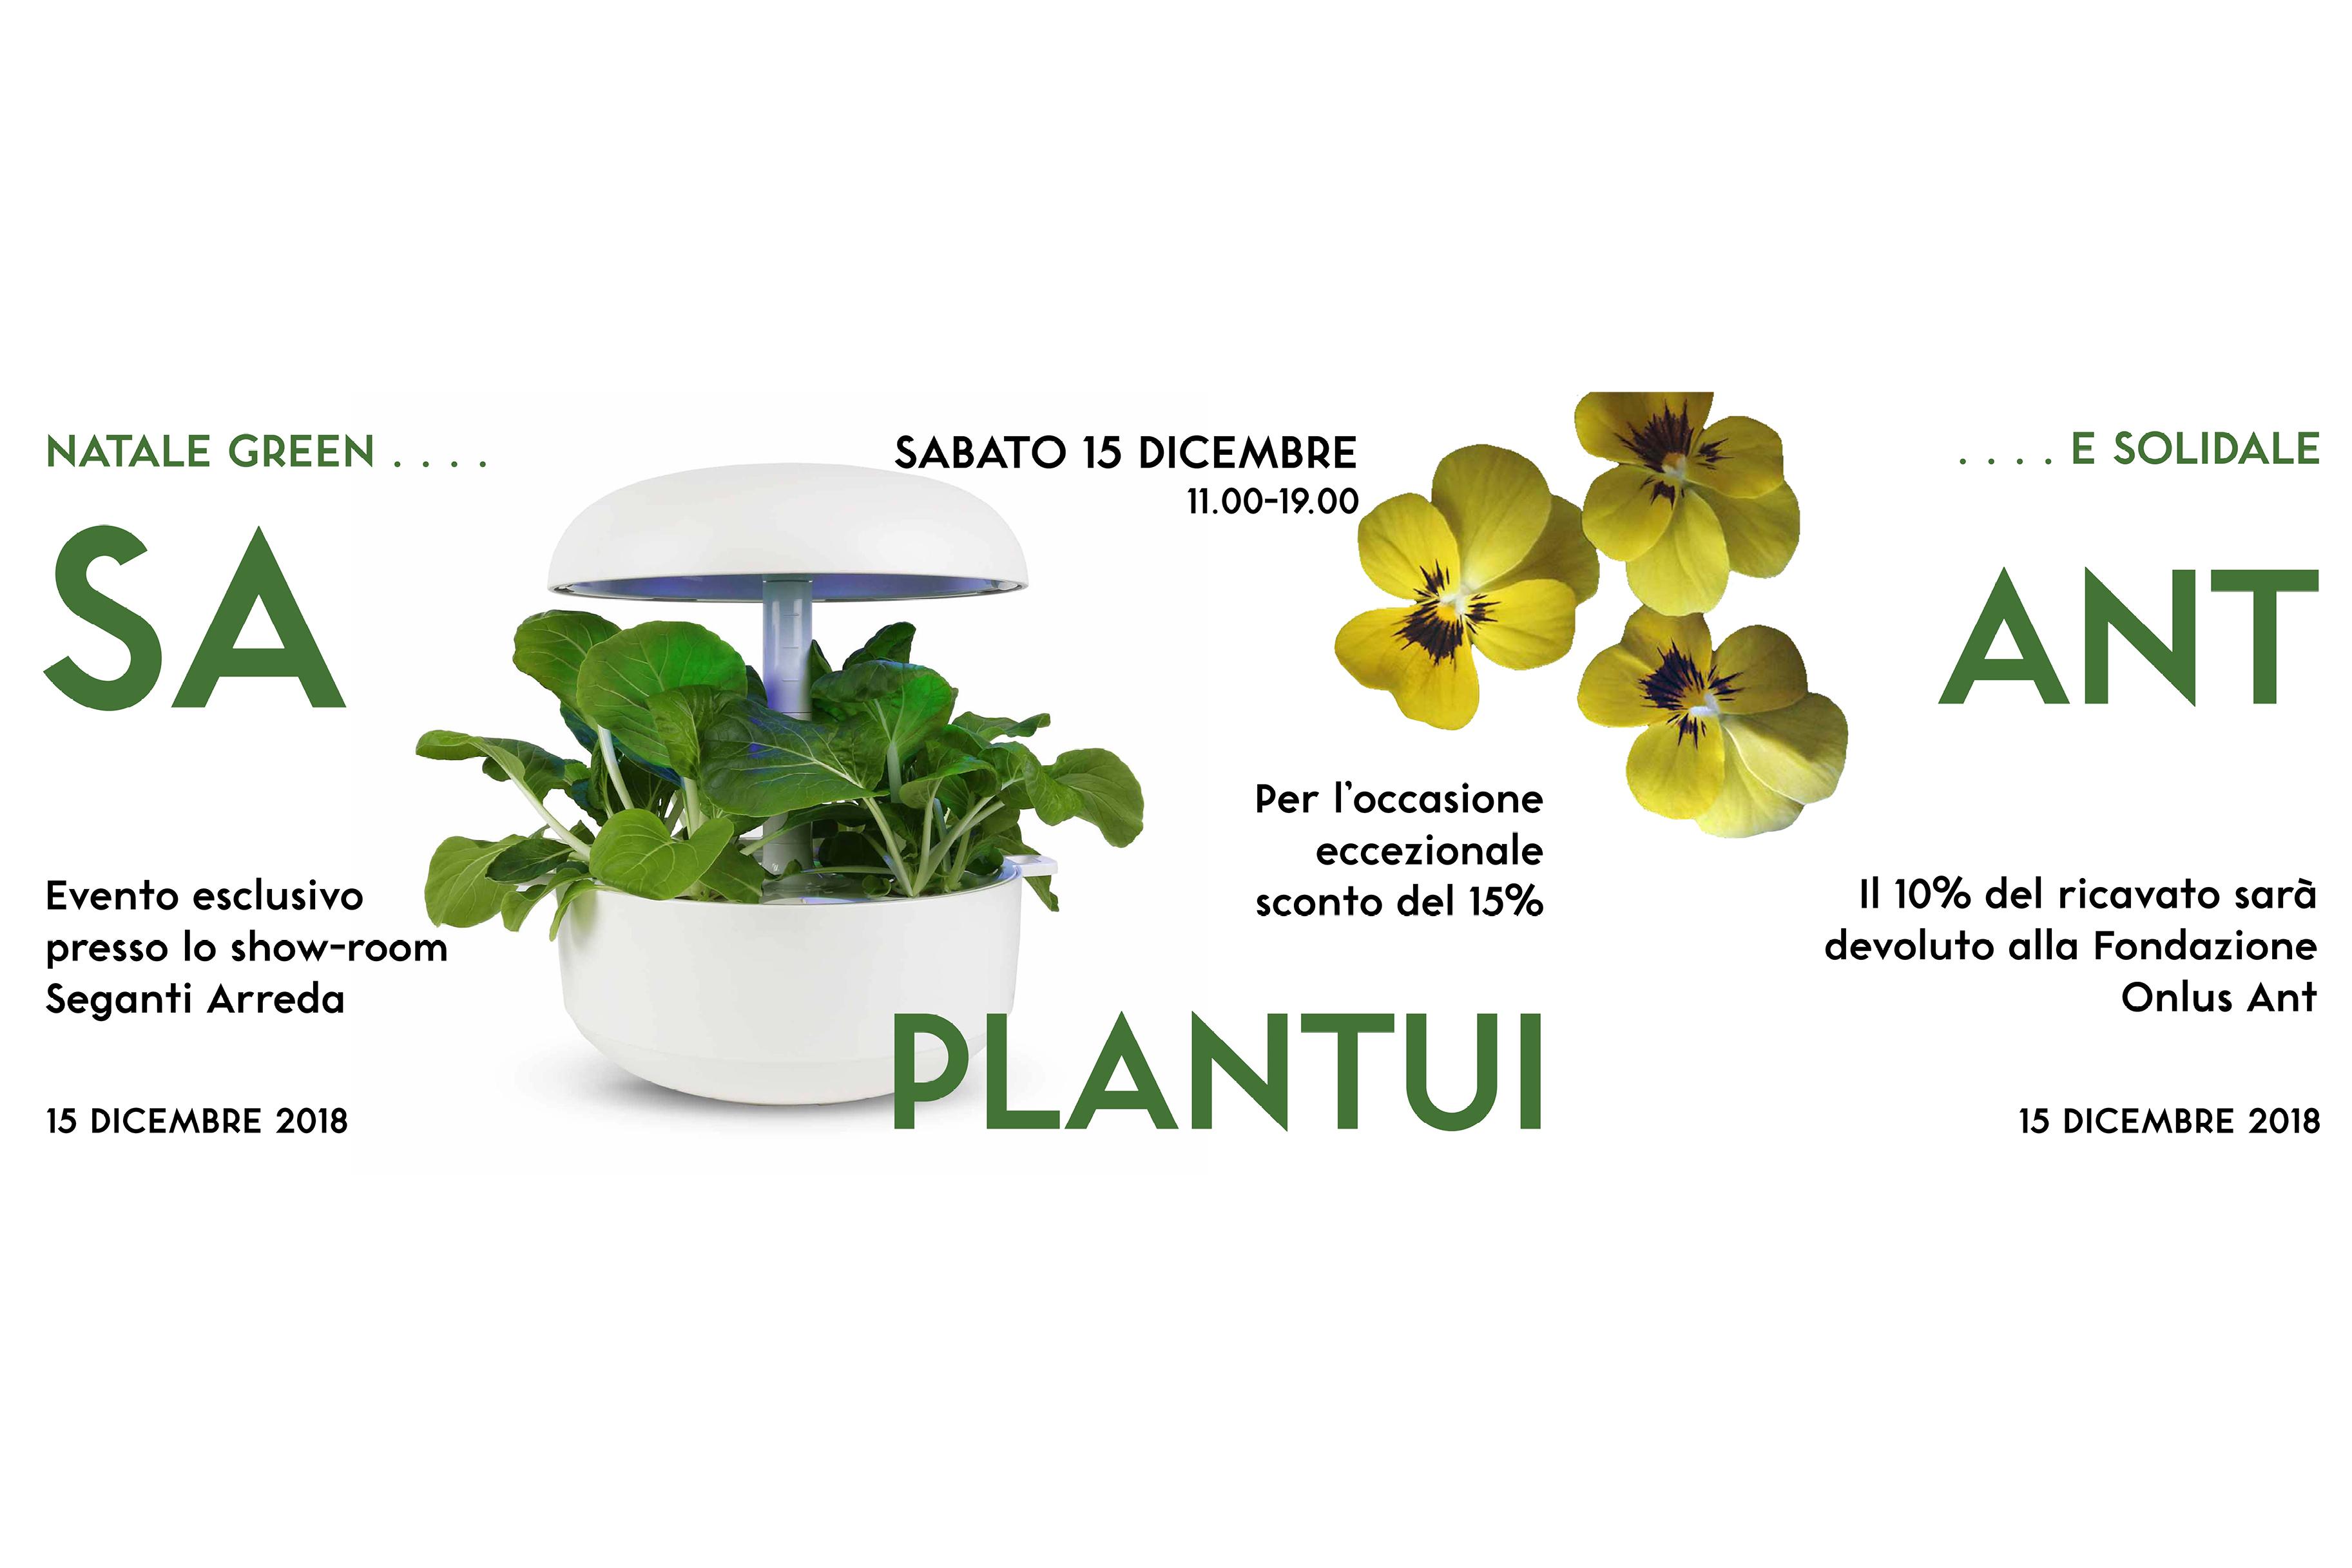 EVENTO: NATALE GREEN E SOLIDALE CON PLANTUI E ANT